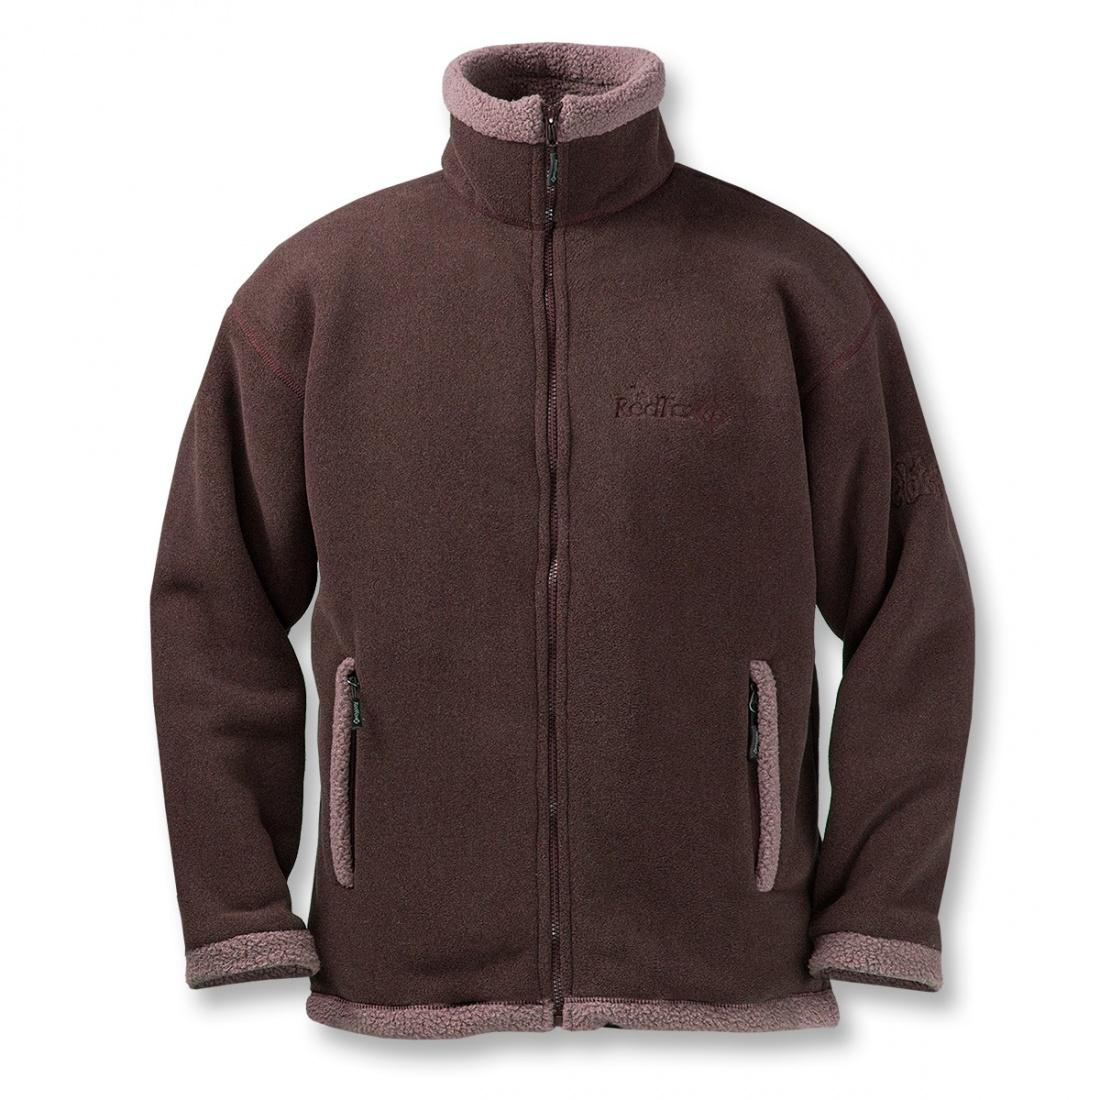 Куртка Cliff МужскаяКуртки<br><br><br>Цвет: Коричневый<br>Размер: 60